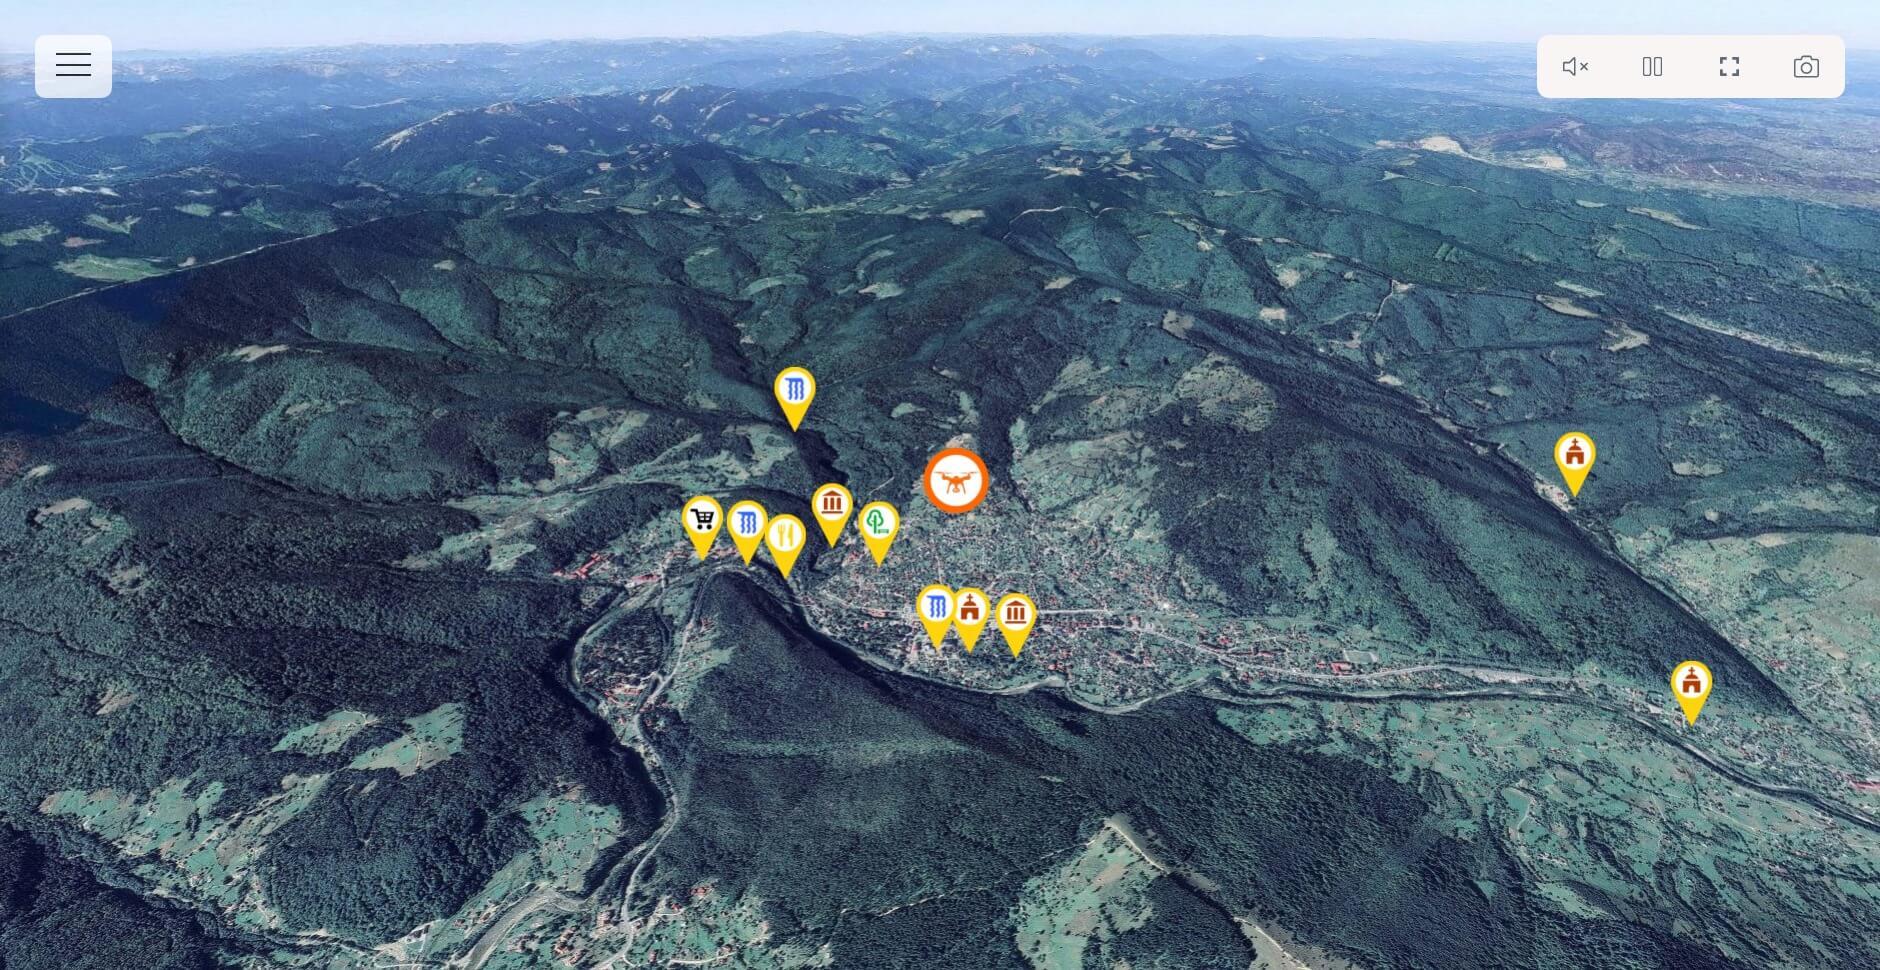 Віртуальну туристичну мапу отримала Івано-Франківщина